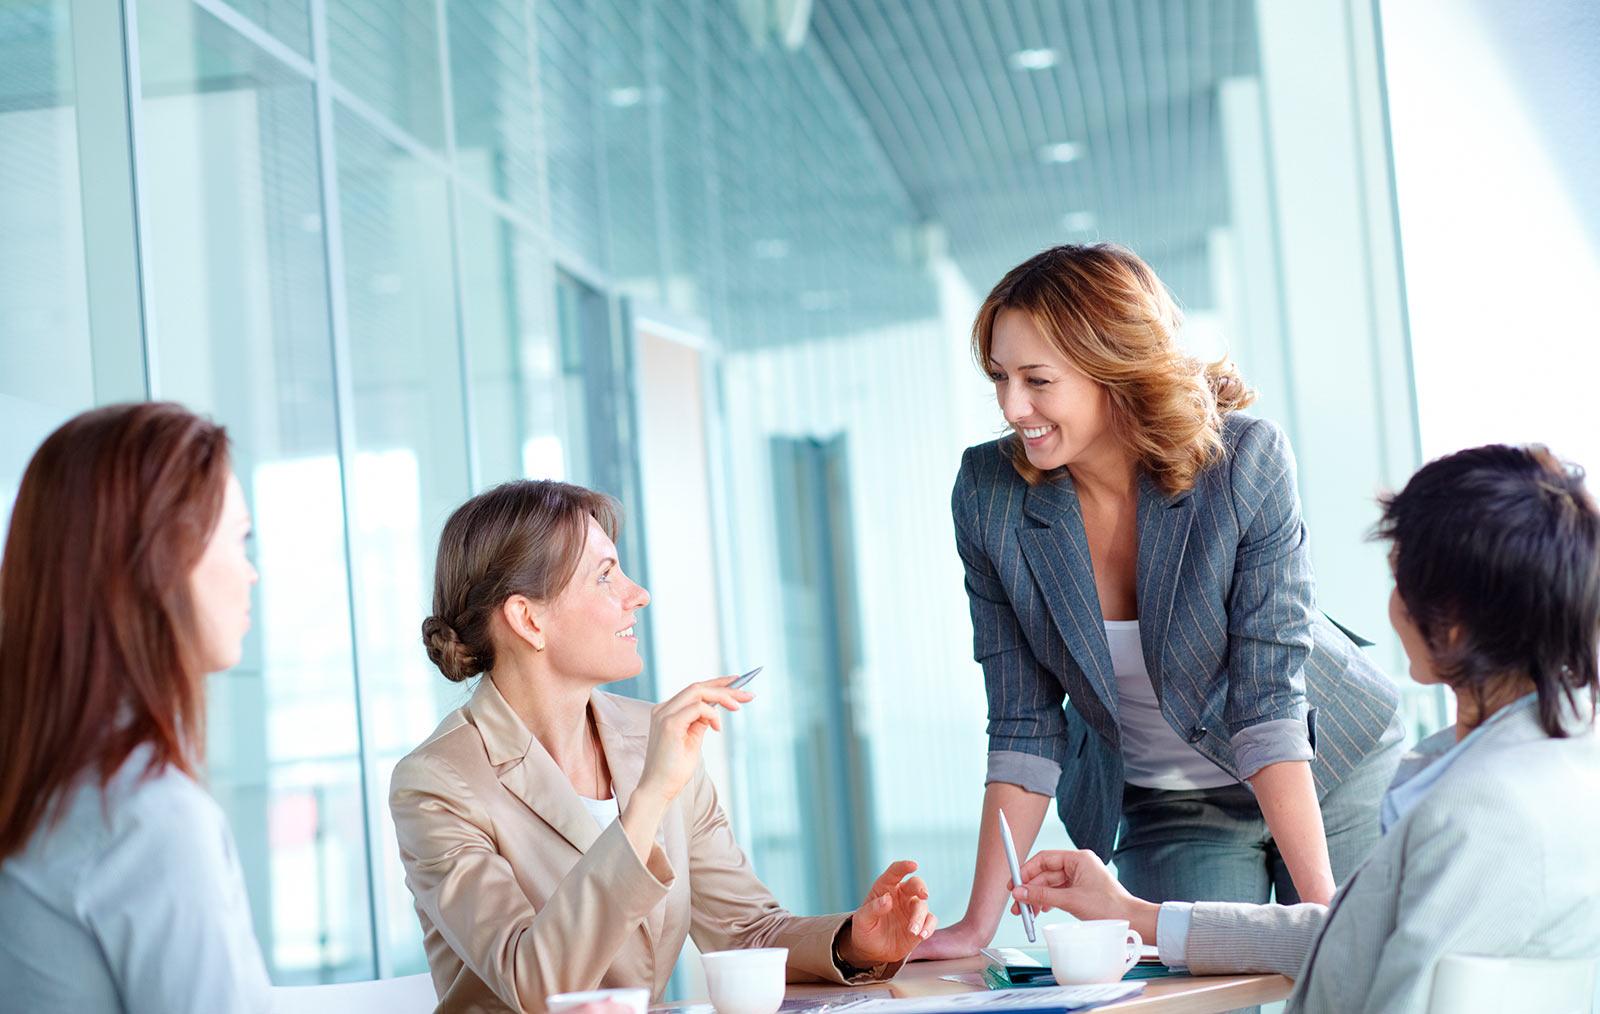 Бесплатный вебинар: Персональный коучинг для успешных женщин-предпринимателей